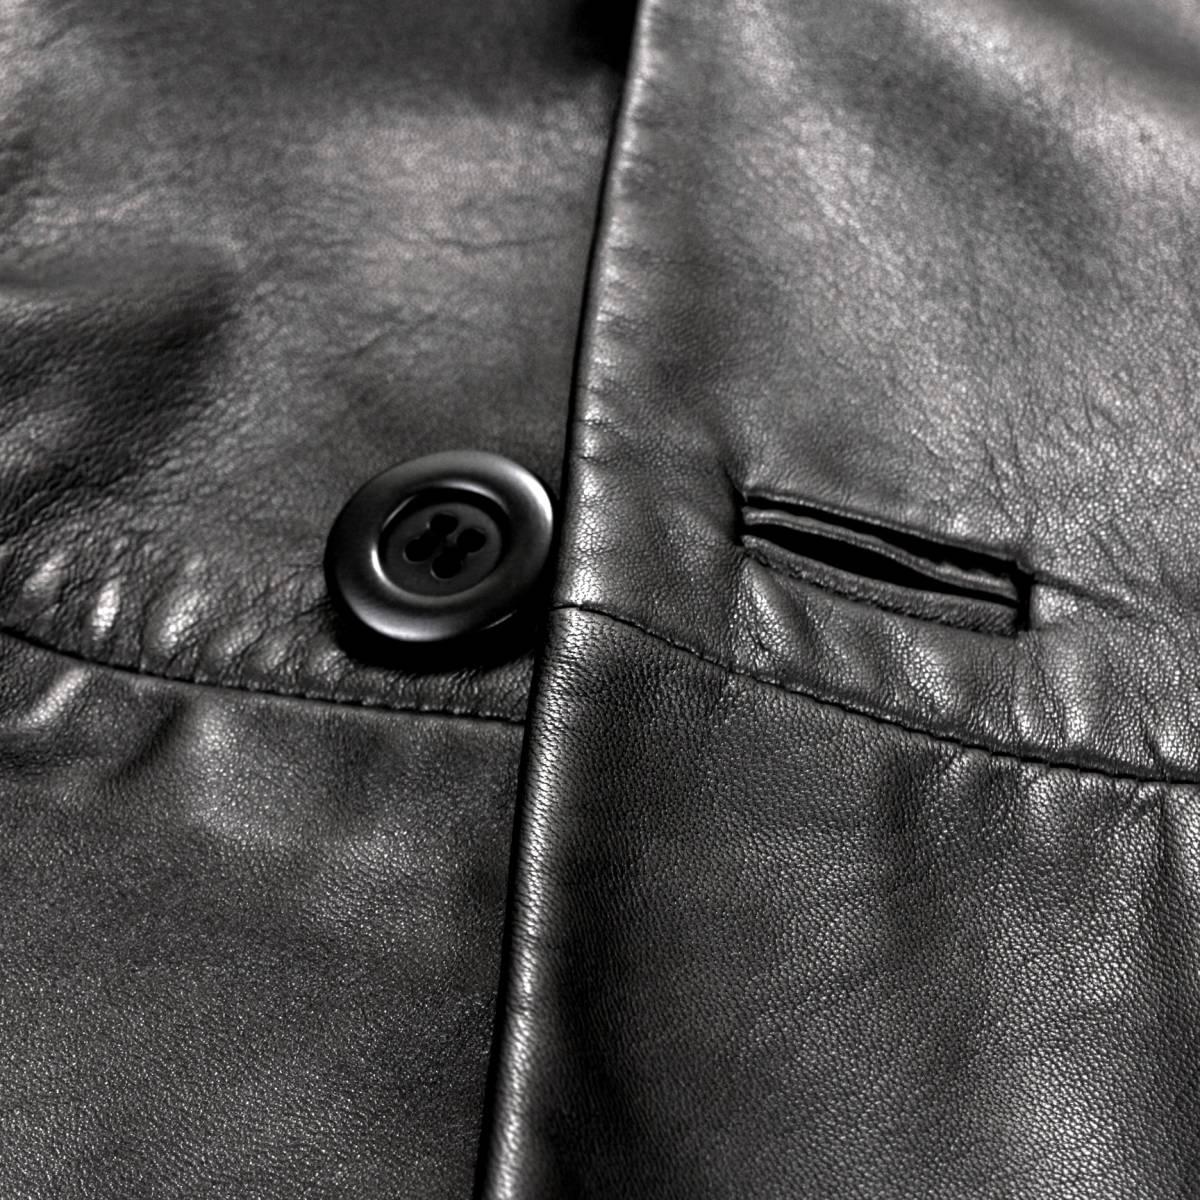 定価30万「ARMANI/アルマーニ」とろける手触りの極上羊革を贅沢に使用した!圧倒的オーラ漂う◎ 大人のレザージャケット 黒 50 XL程度_画像5